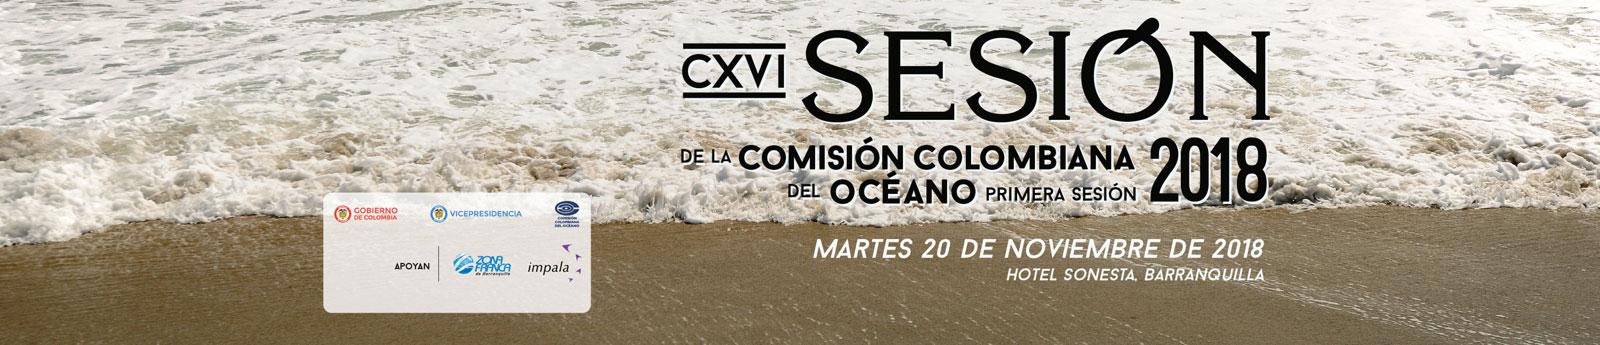 CXVI Sesión de la Comisión Colombiana del Océano